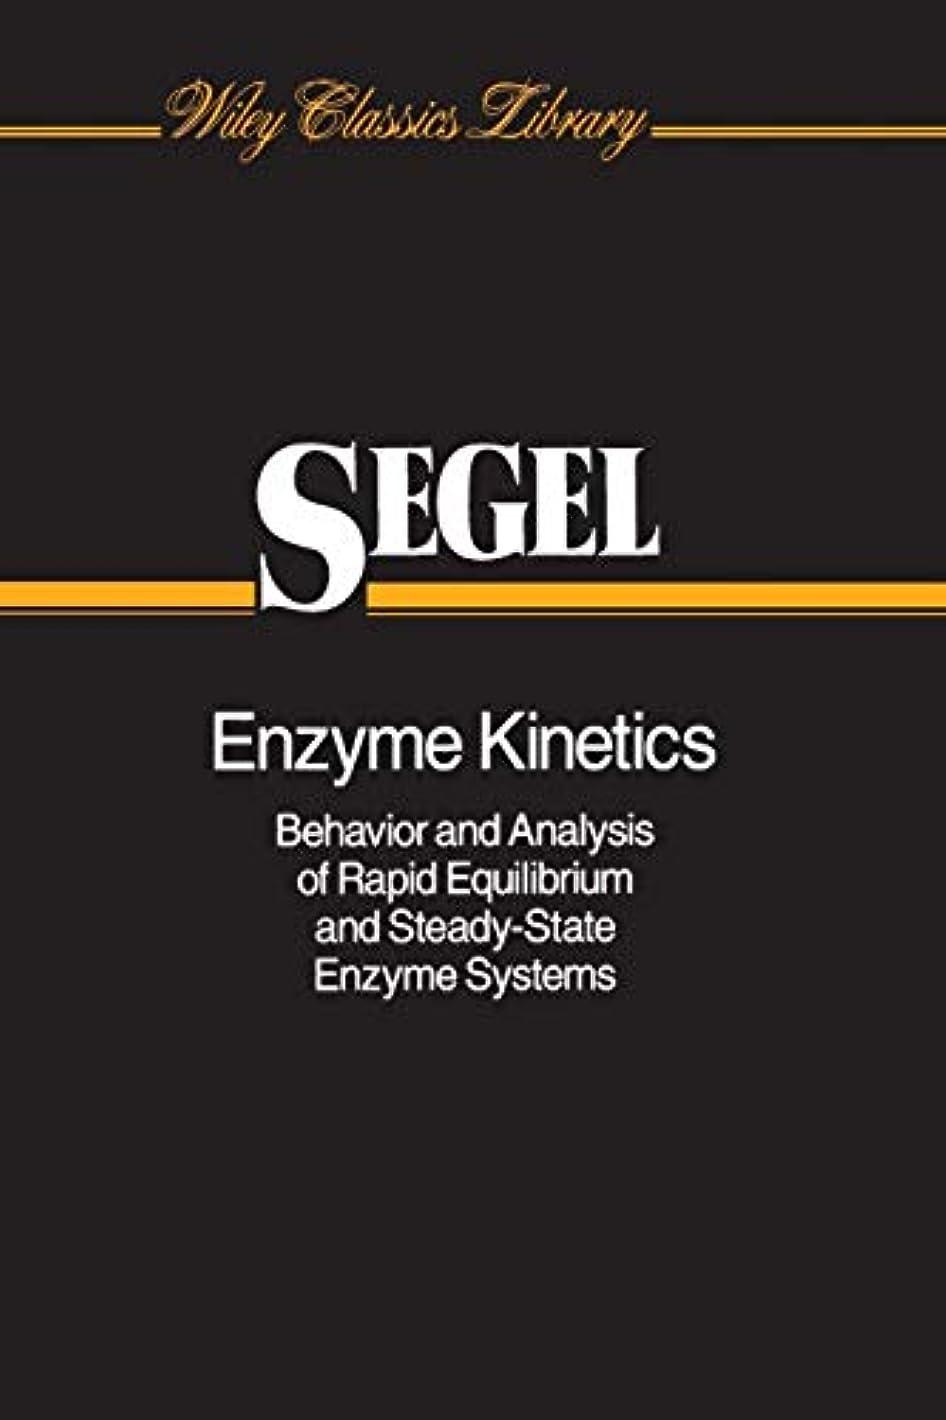 驚くべきフラスコ親Enzyme Kinetics: Behavior and Analysis of Rapid Equilibrium and Steady-State Enzyme Systems (Wiley Classics Library)